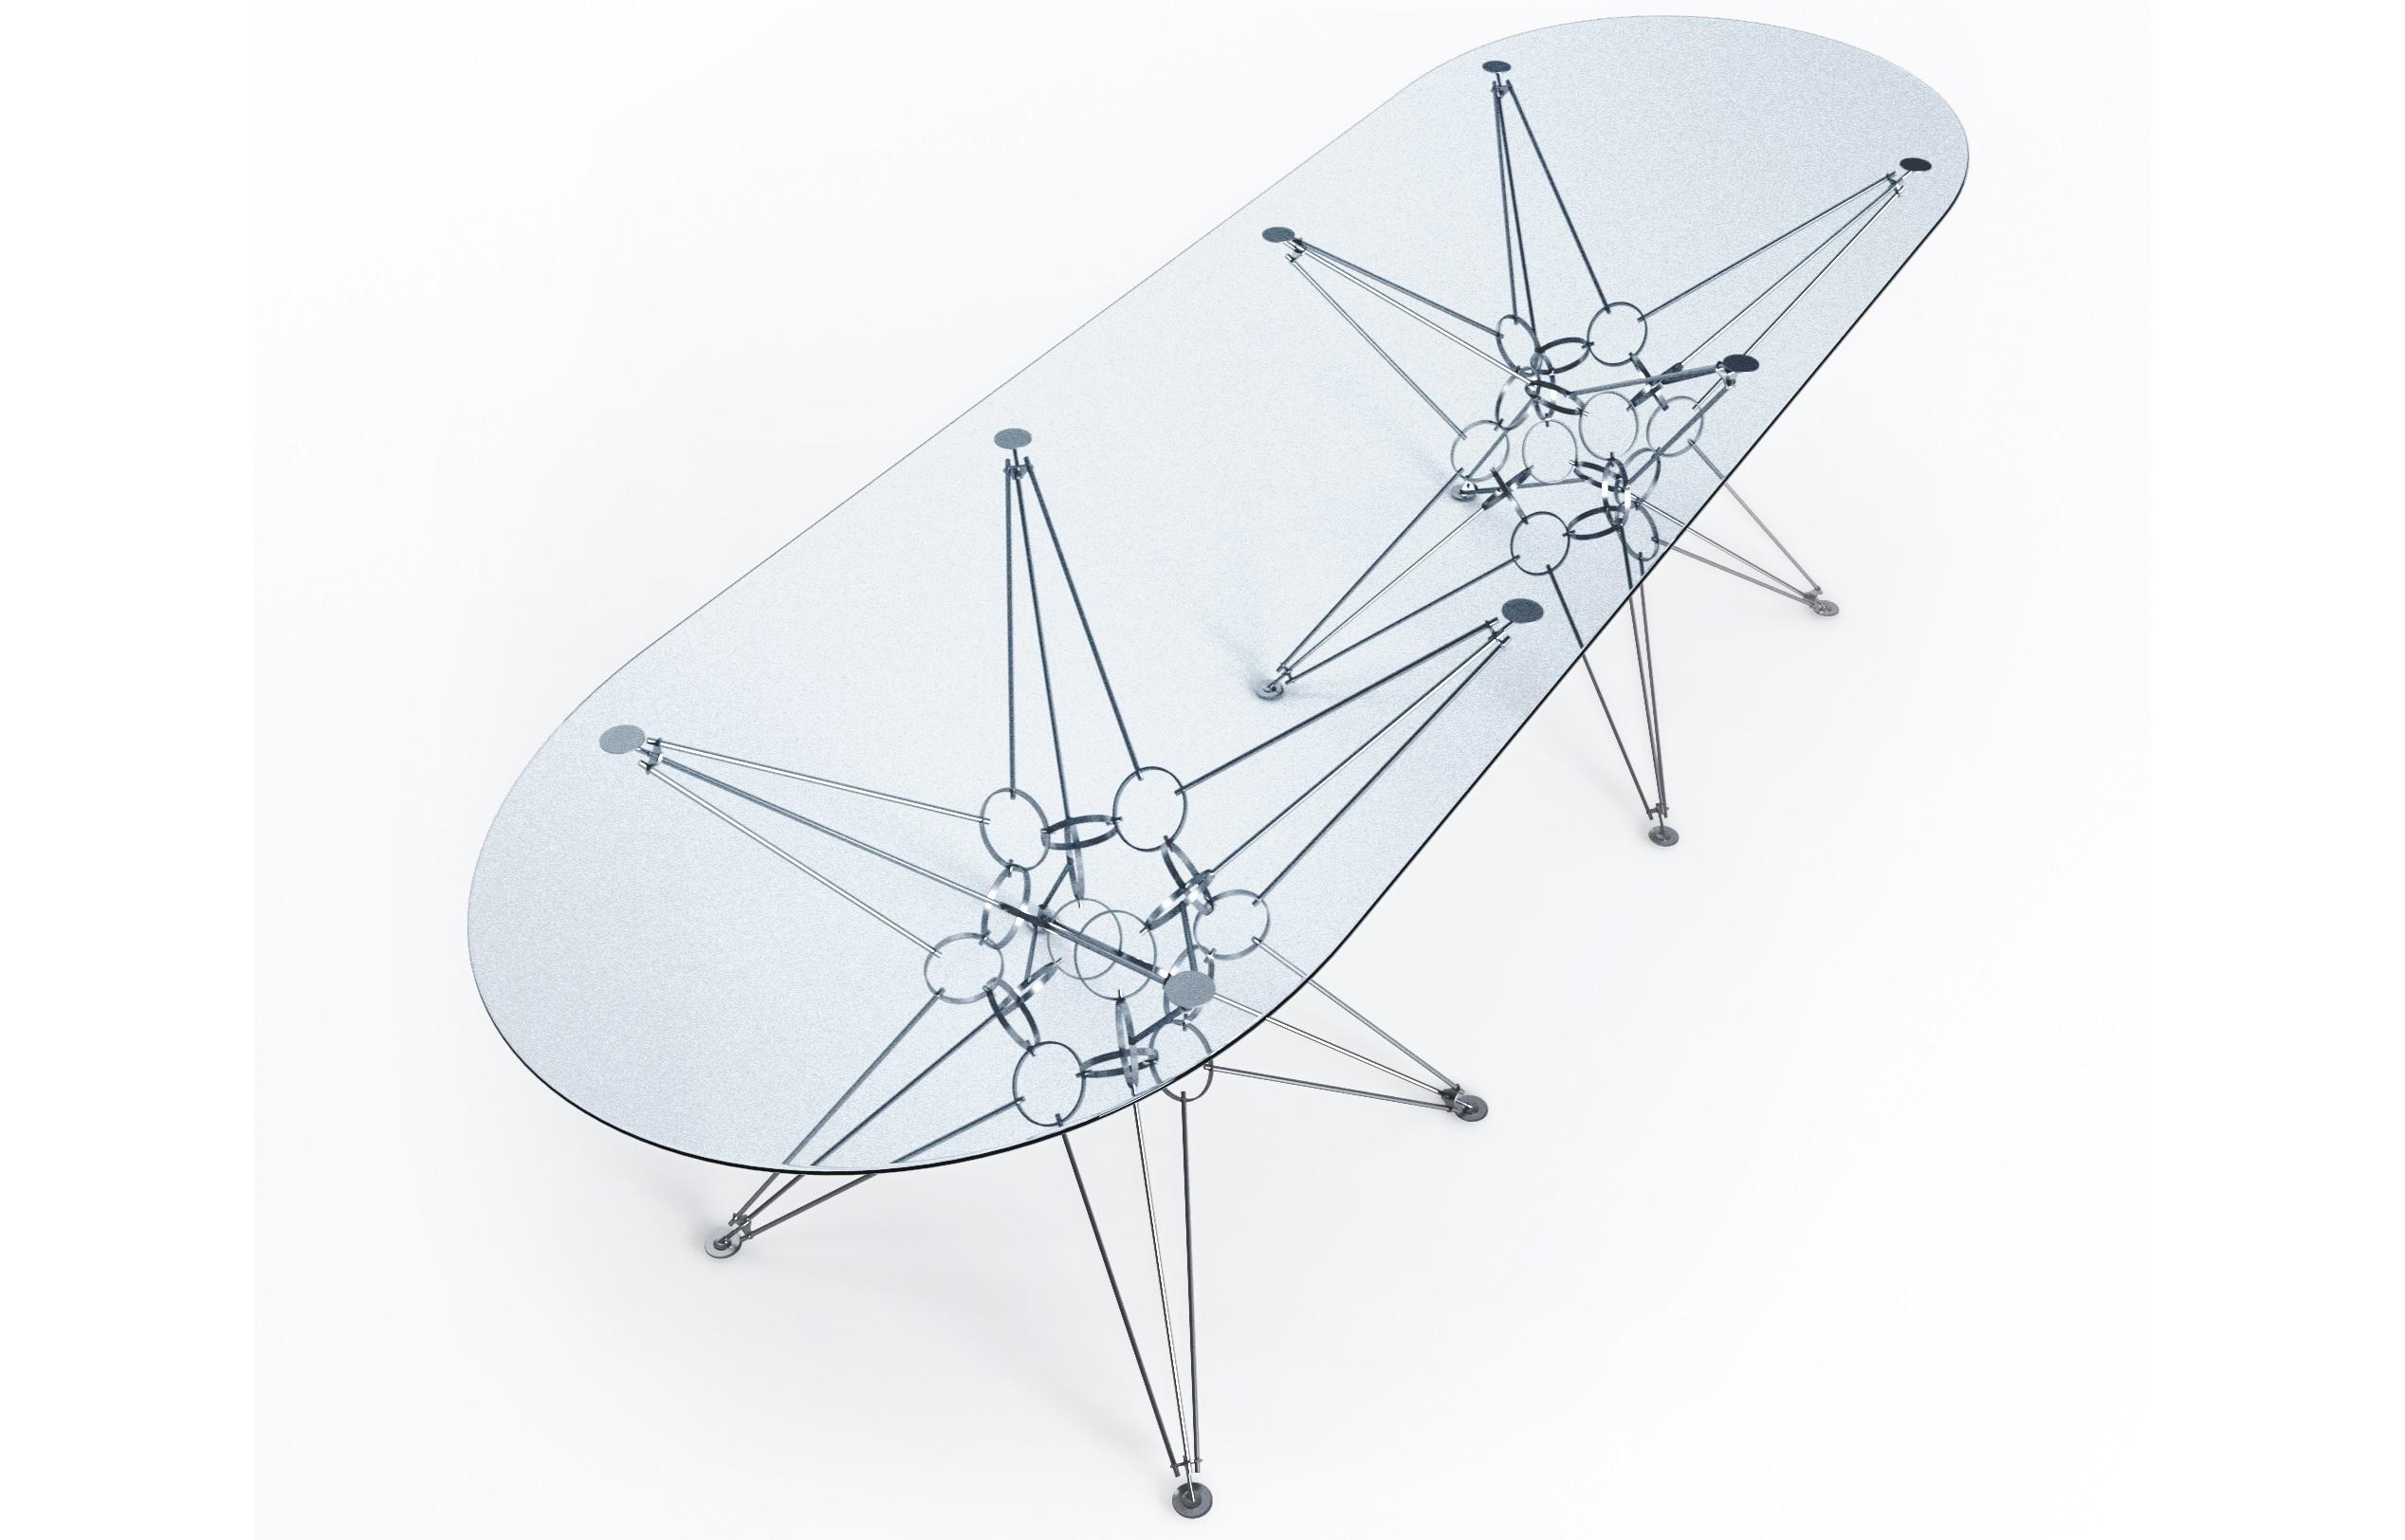 Стол BIGОбеденные столы<br>&amp;lt;div&amp;gt;Материал столешницы: стекло закаленное, толщина 12 мм, Optiwhite.&amp;lt;div&amp;gt;Материал основания: хромированная сталь.&amp;lt;/div&amp;gt;&amp;lt;/div&amp;gt;<br><br>Material: Металл<br>Length см: None<br>Width см: 240<br>Depth см: 90<br>Height см: 73